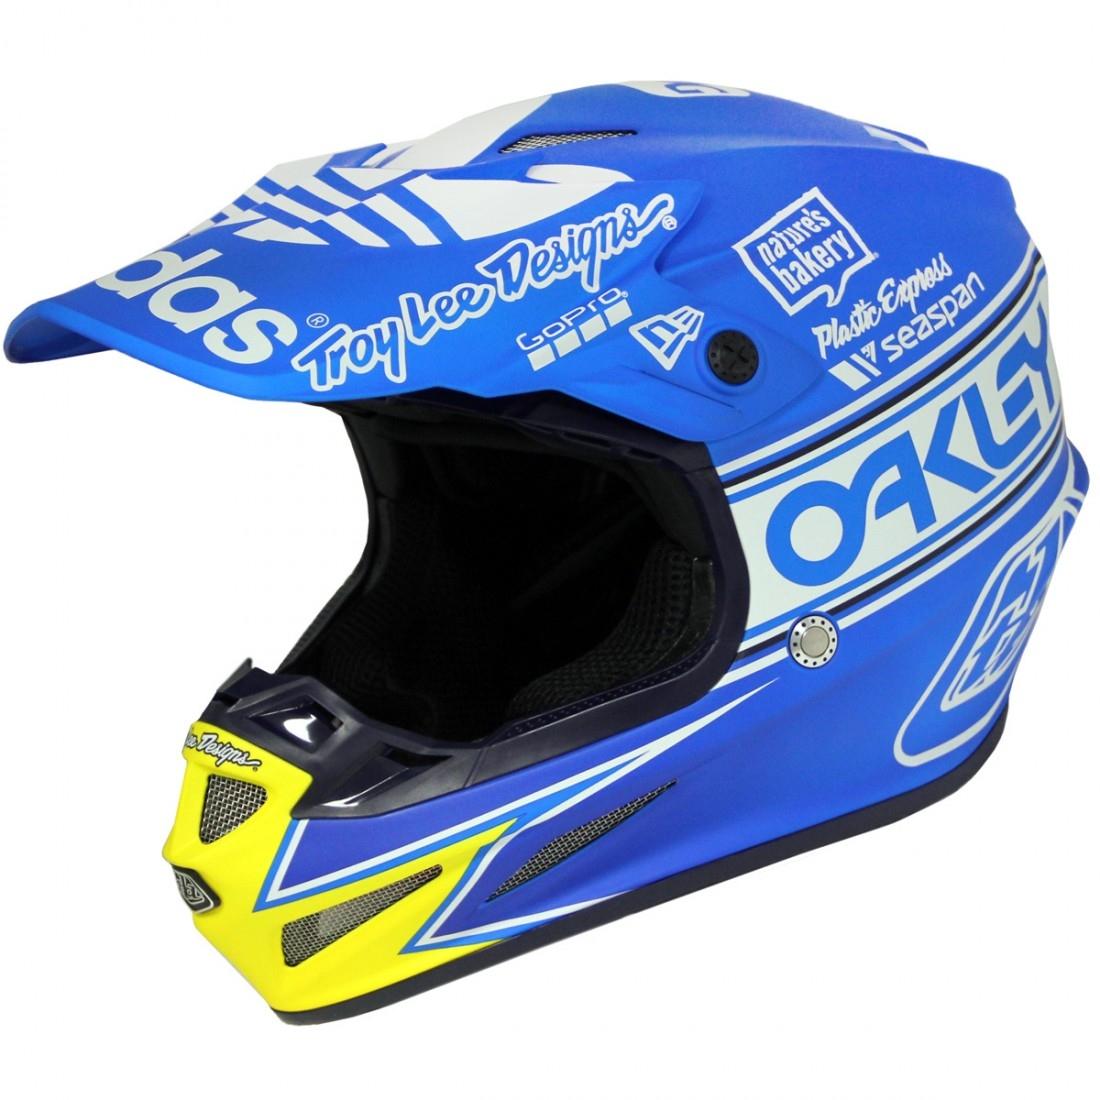 Troy Lee Designs Helmet >> Troy Lee Designs Se4 Composite Team Edition 2 Ocean Helmet